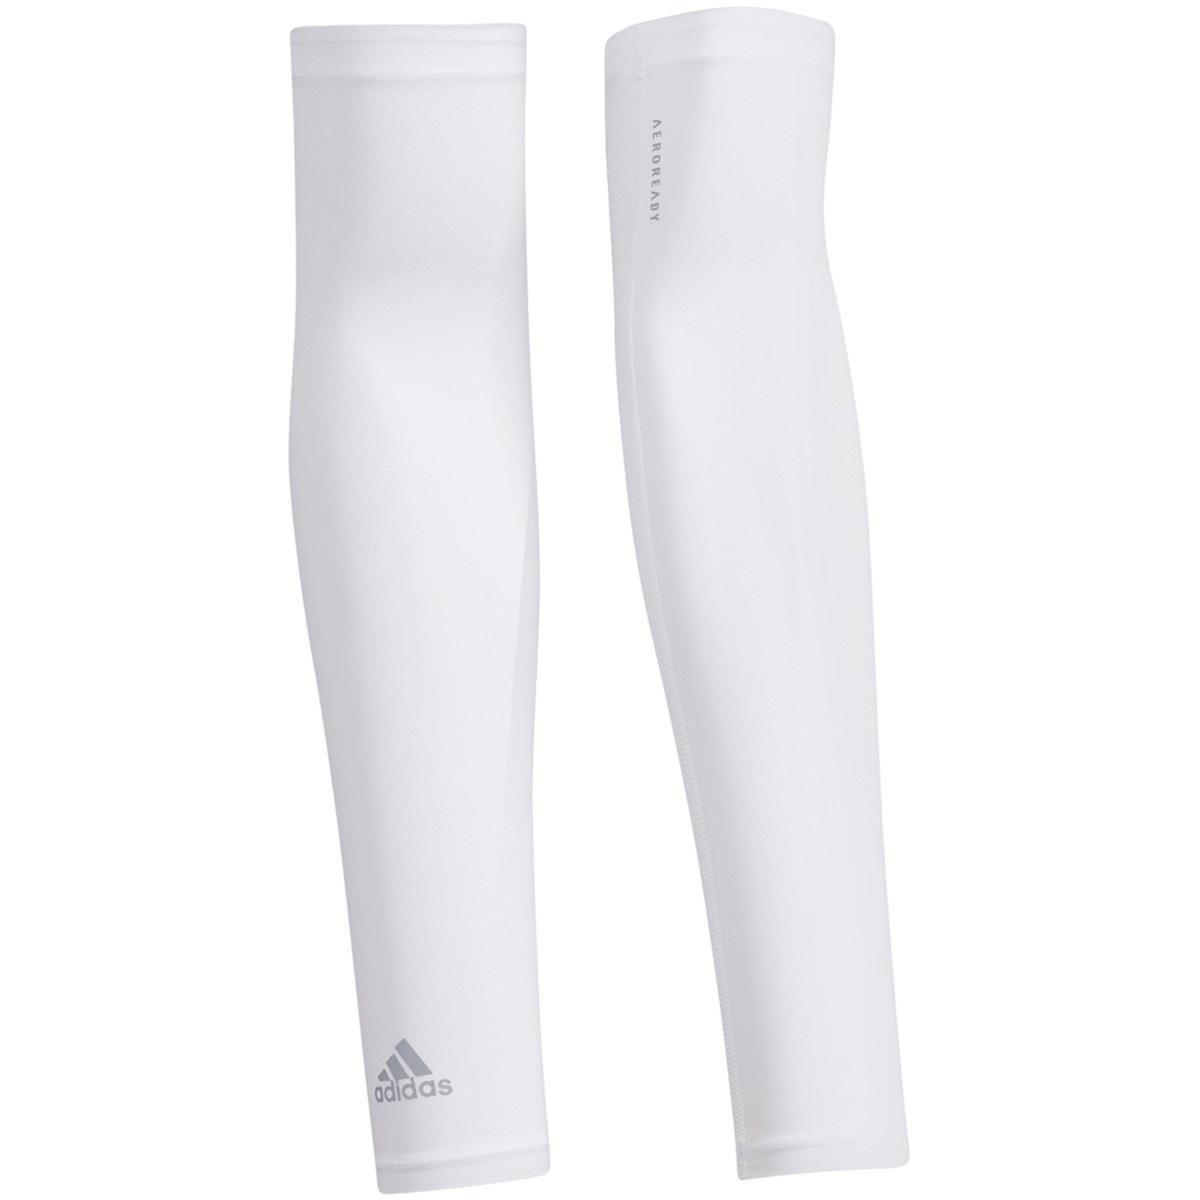 アディダス Adidas UV アームカバー ホワイト フリー